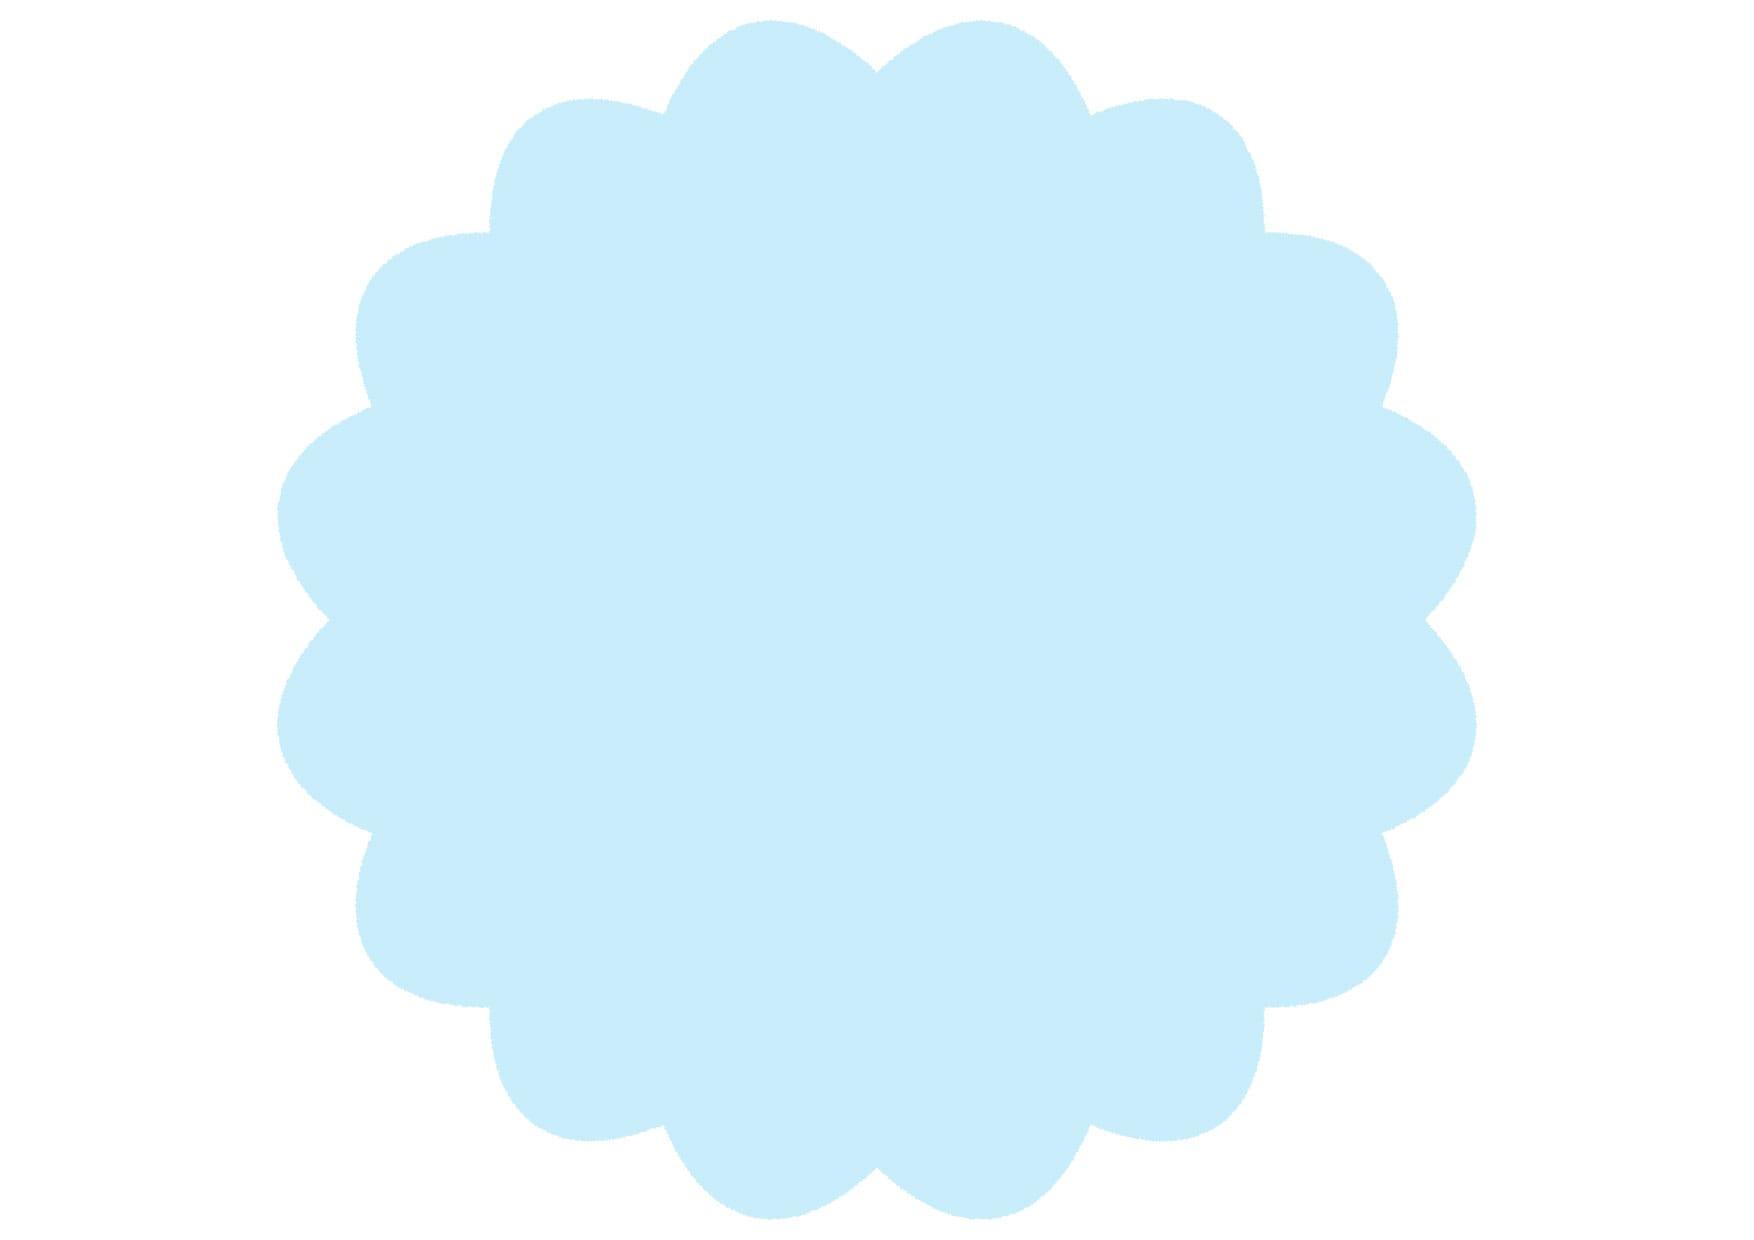 可愛いイラスト無料|シンプル やわらかい フレーム 水色 − free illustration Simple soft frame light blue